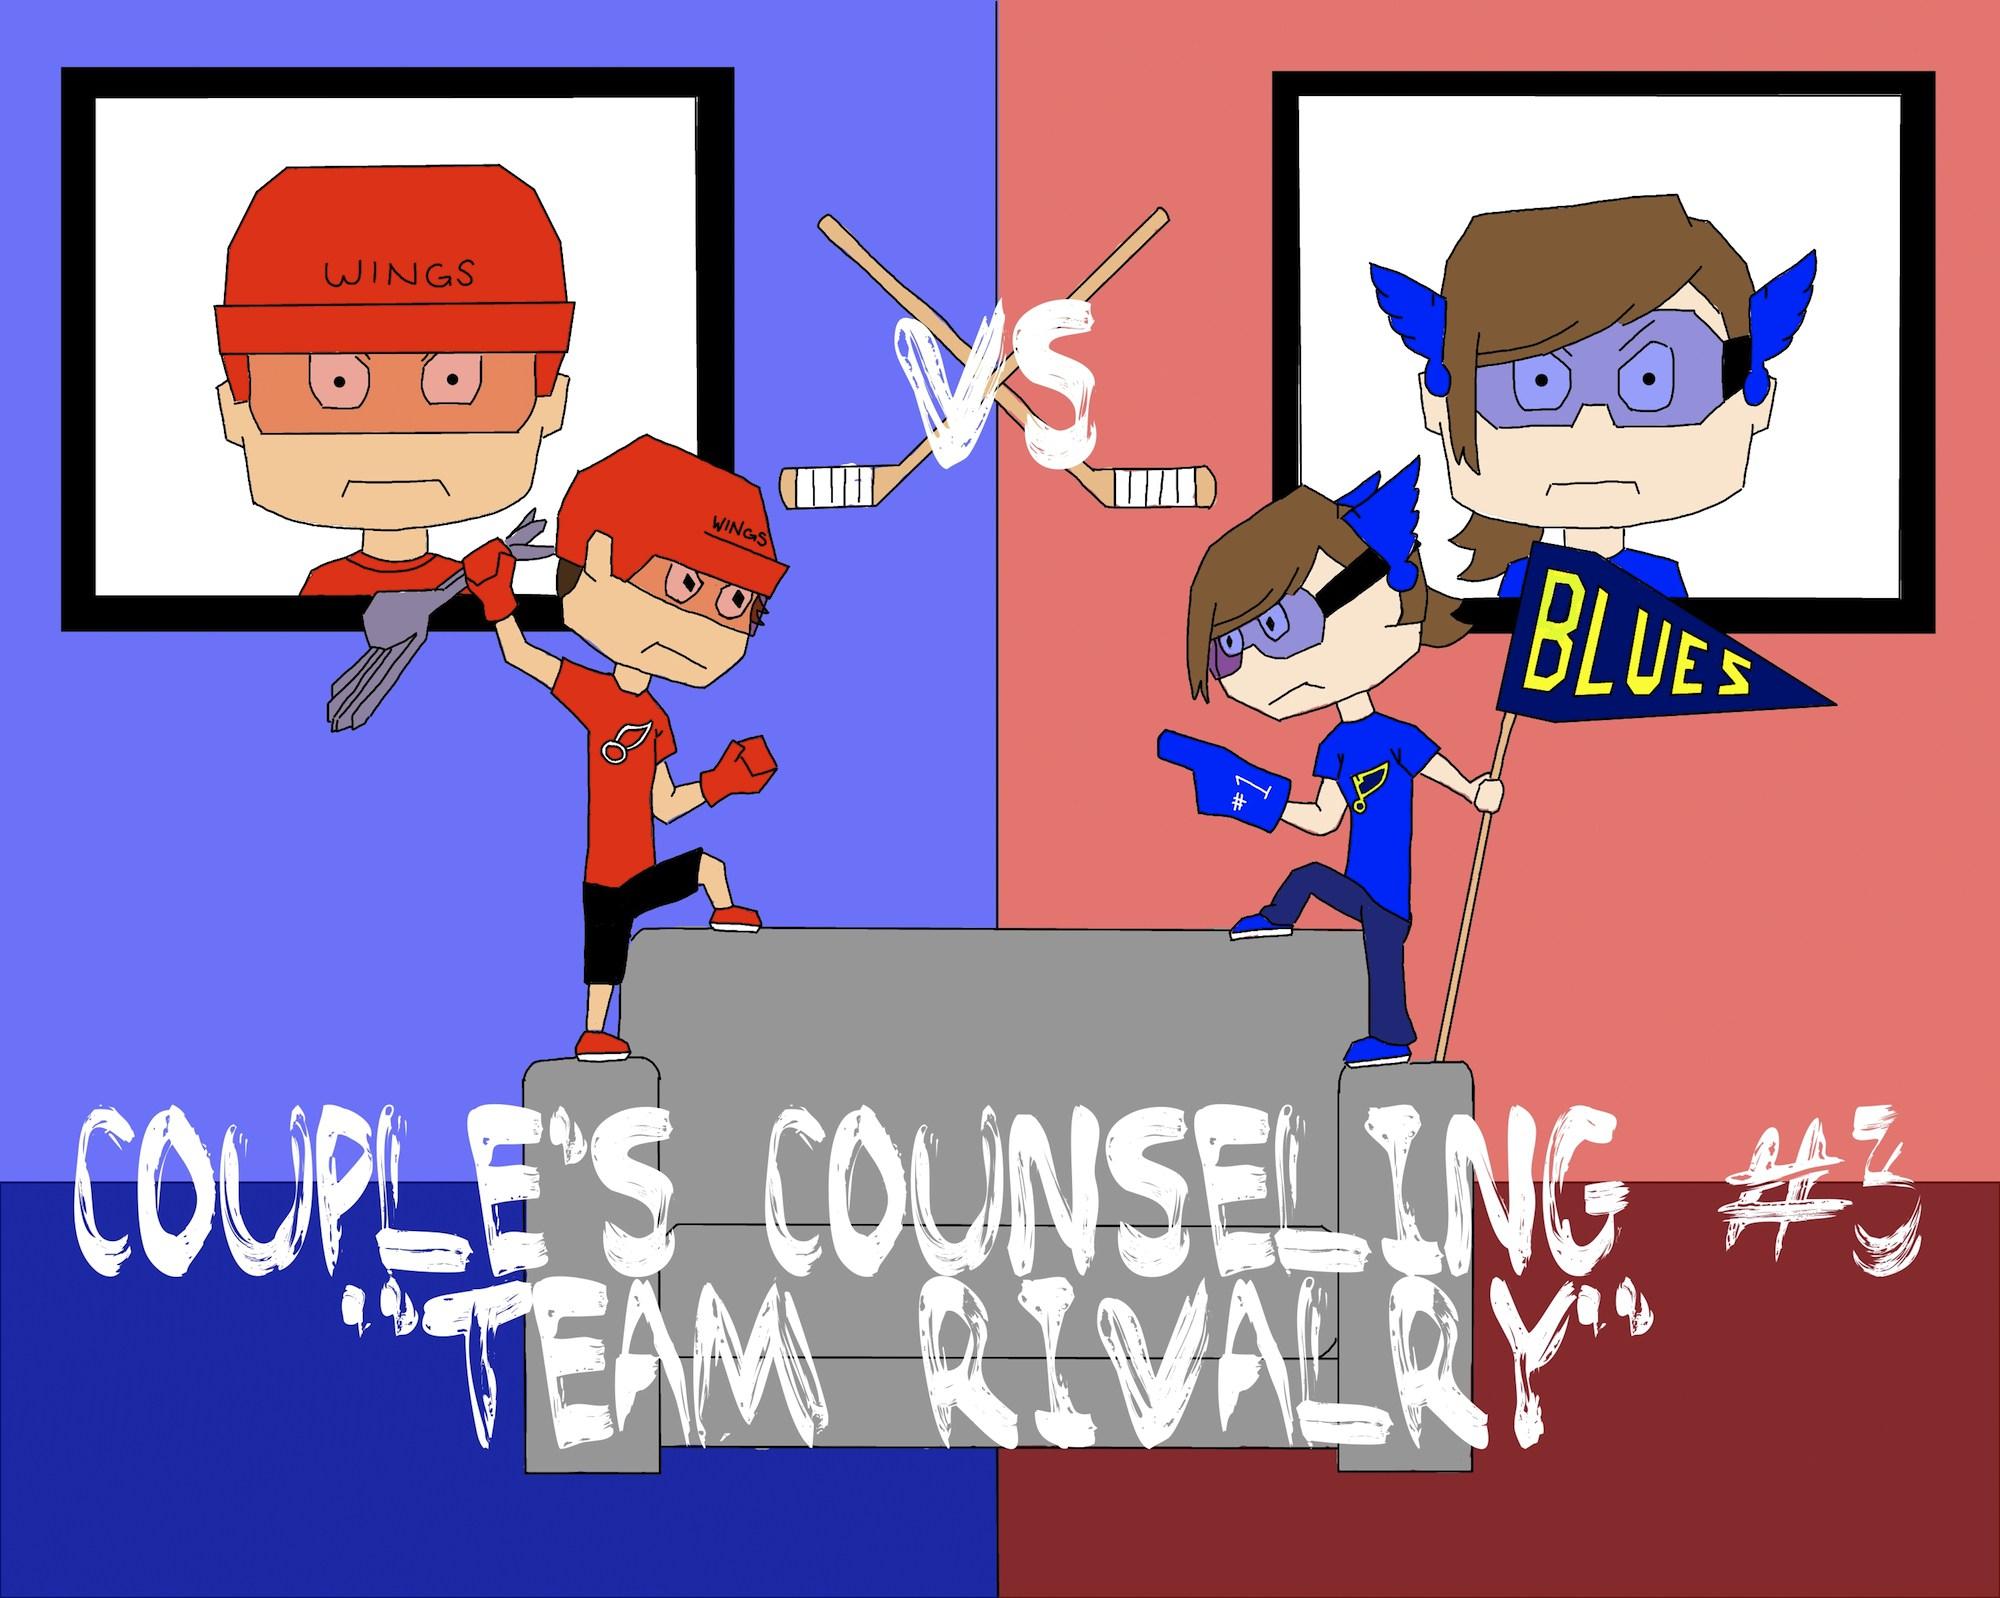 CC3 - Team Rivalry (2014)